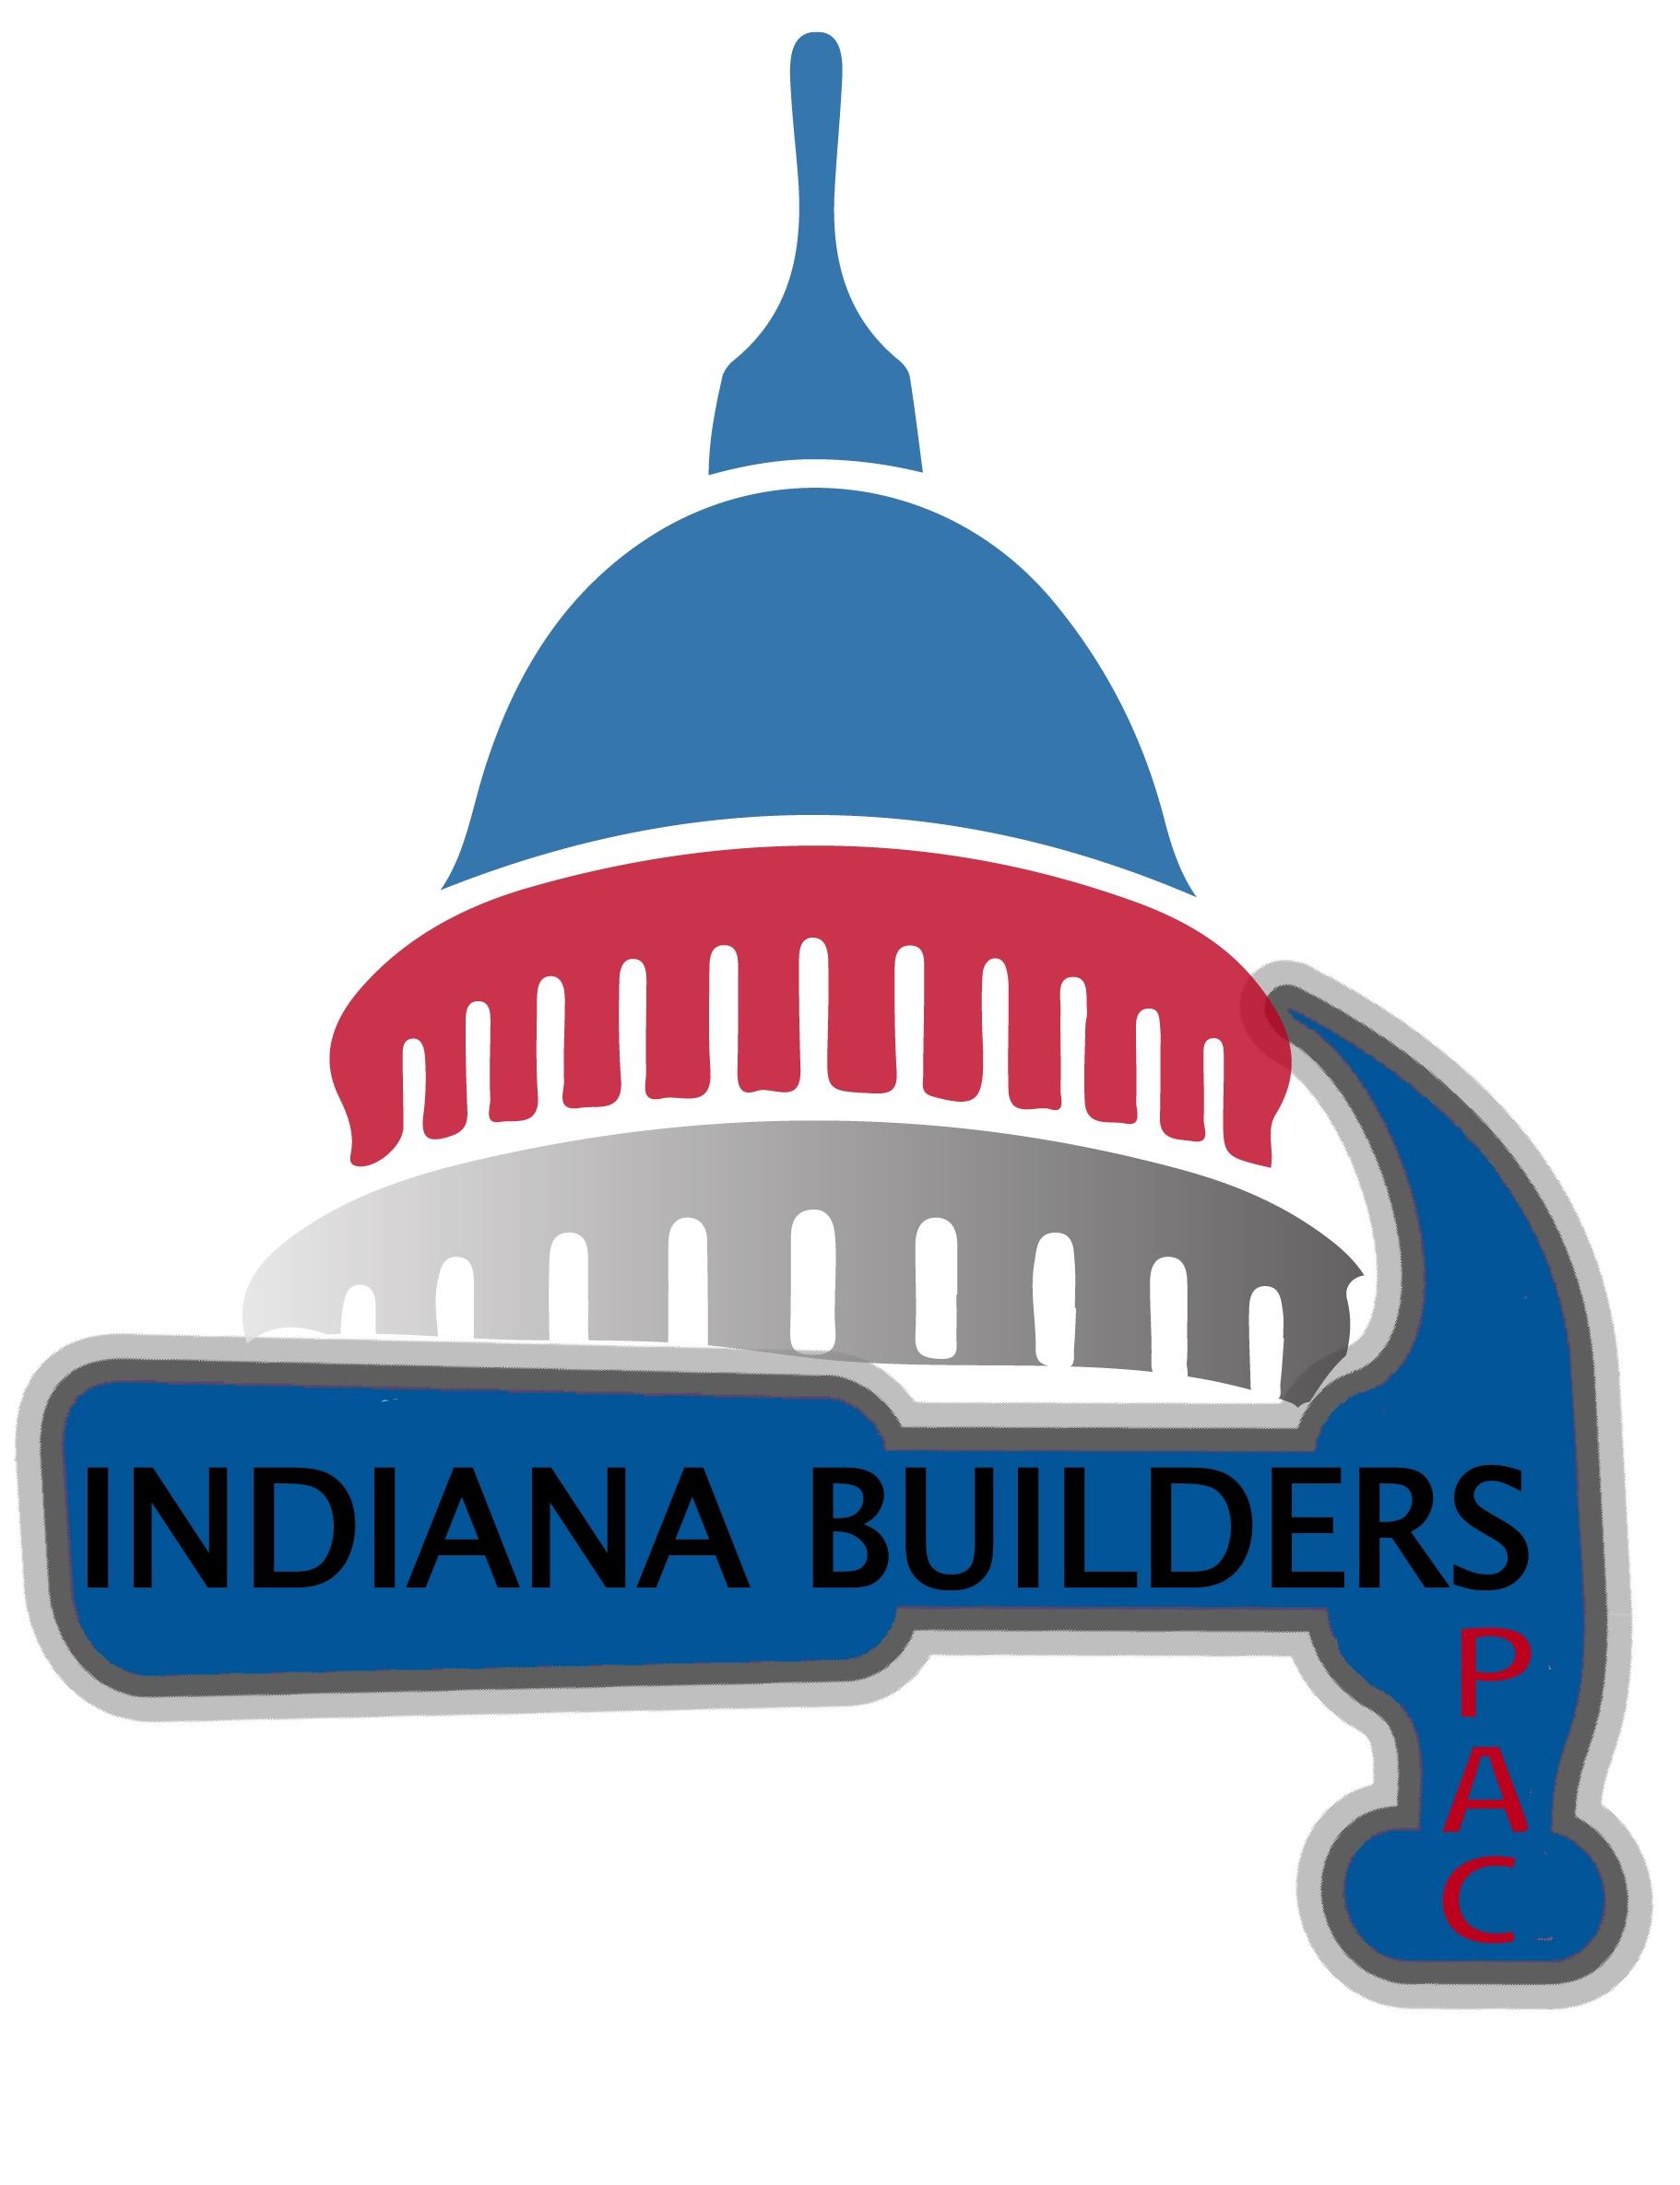 Indiana Builders PAC.jpg